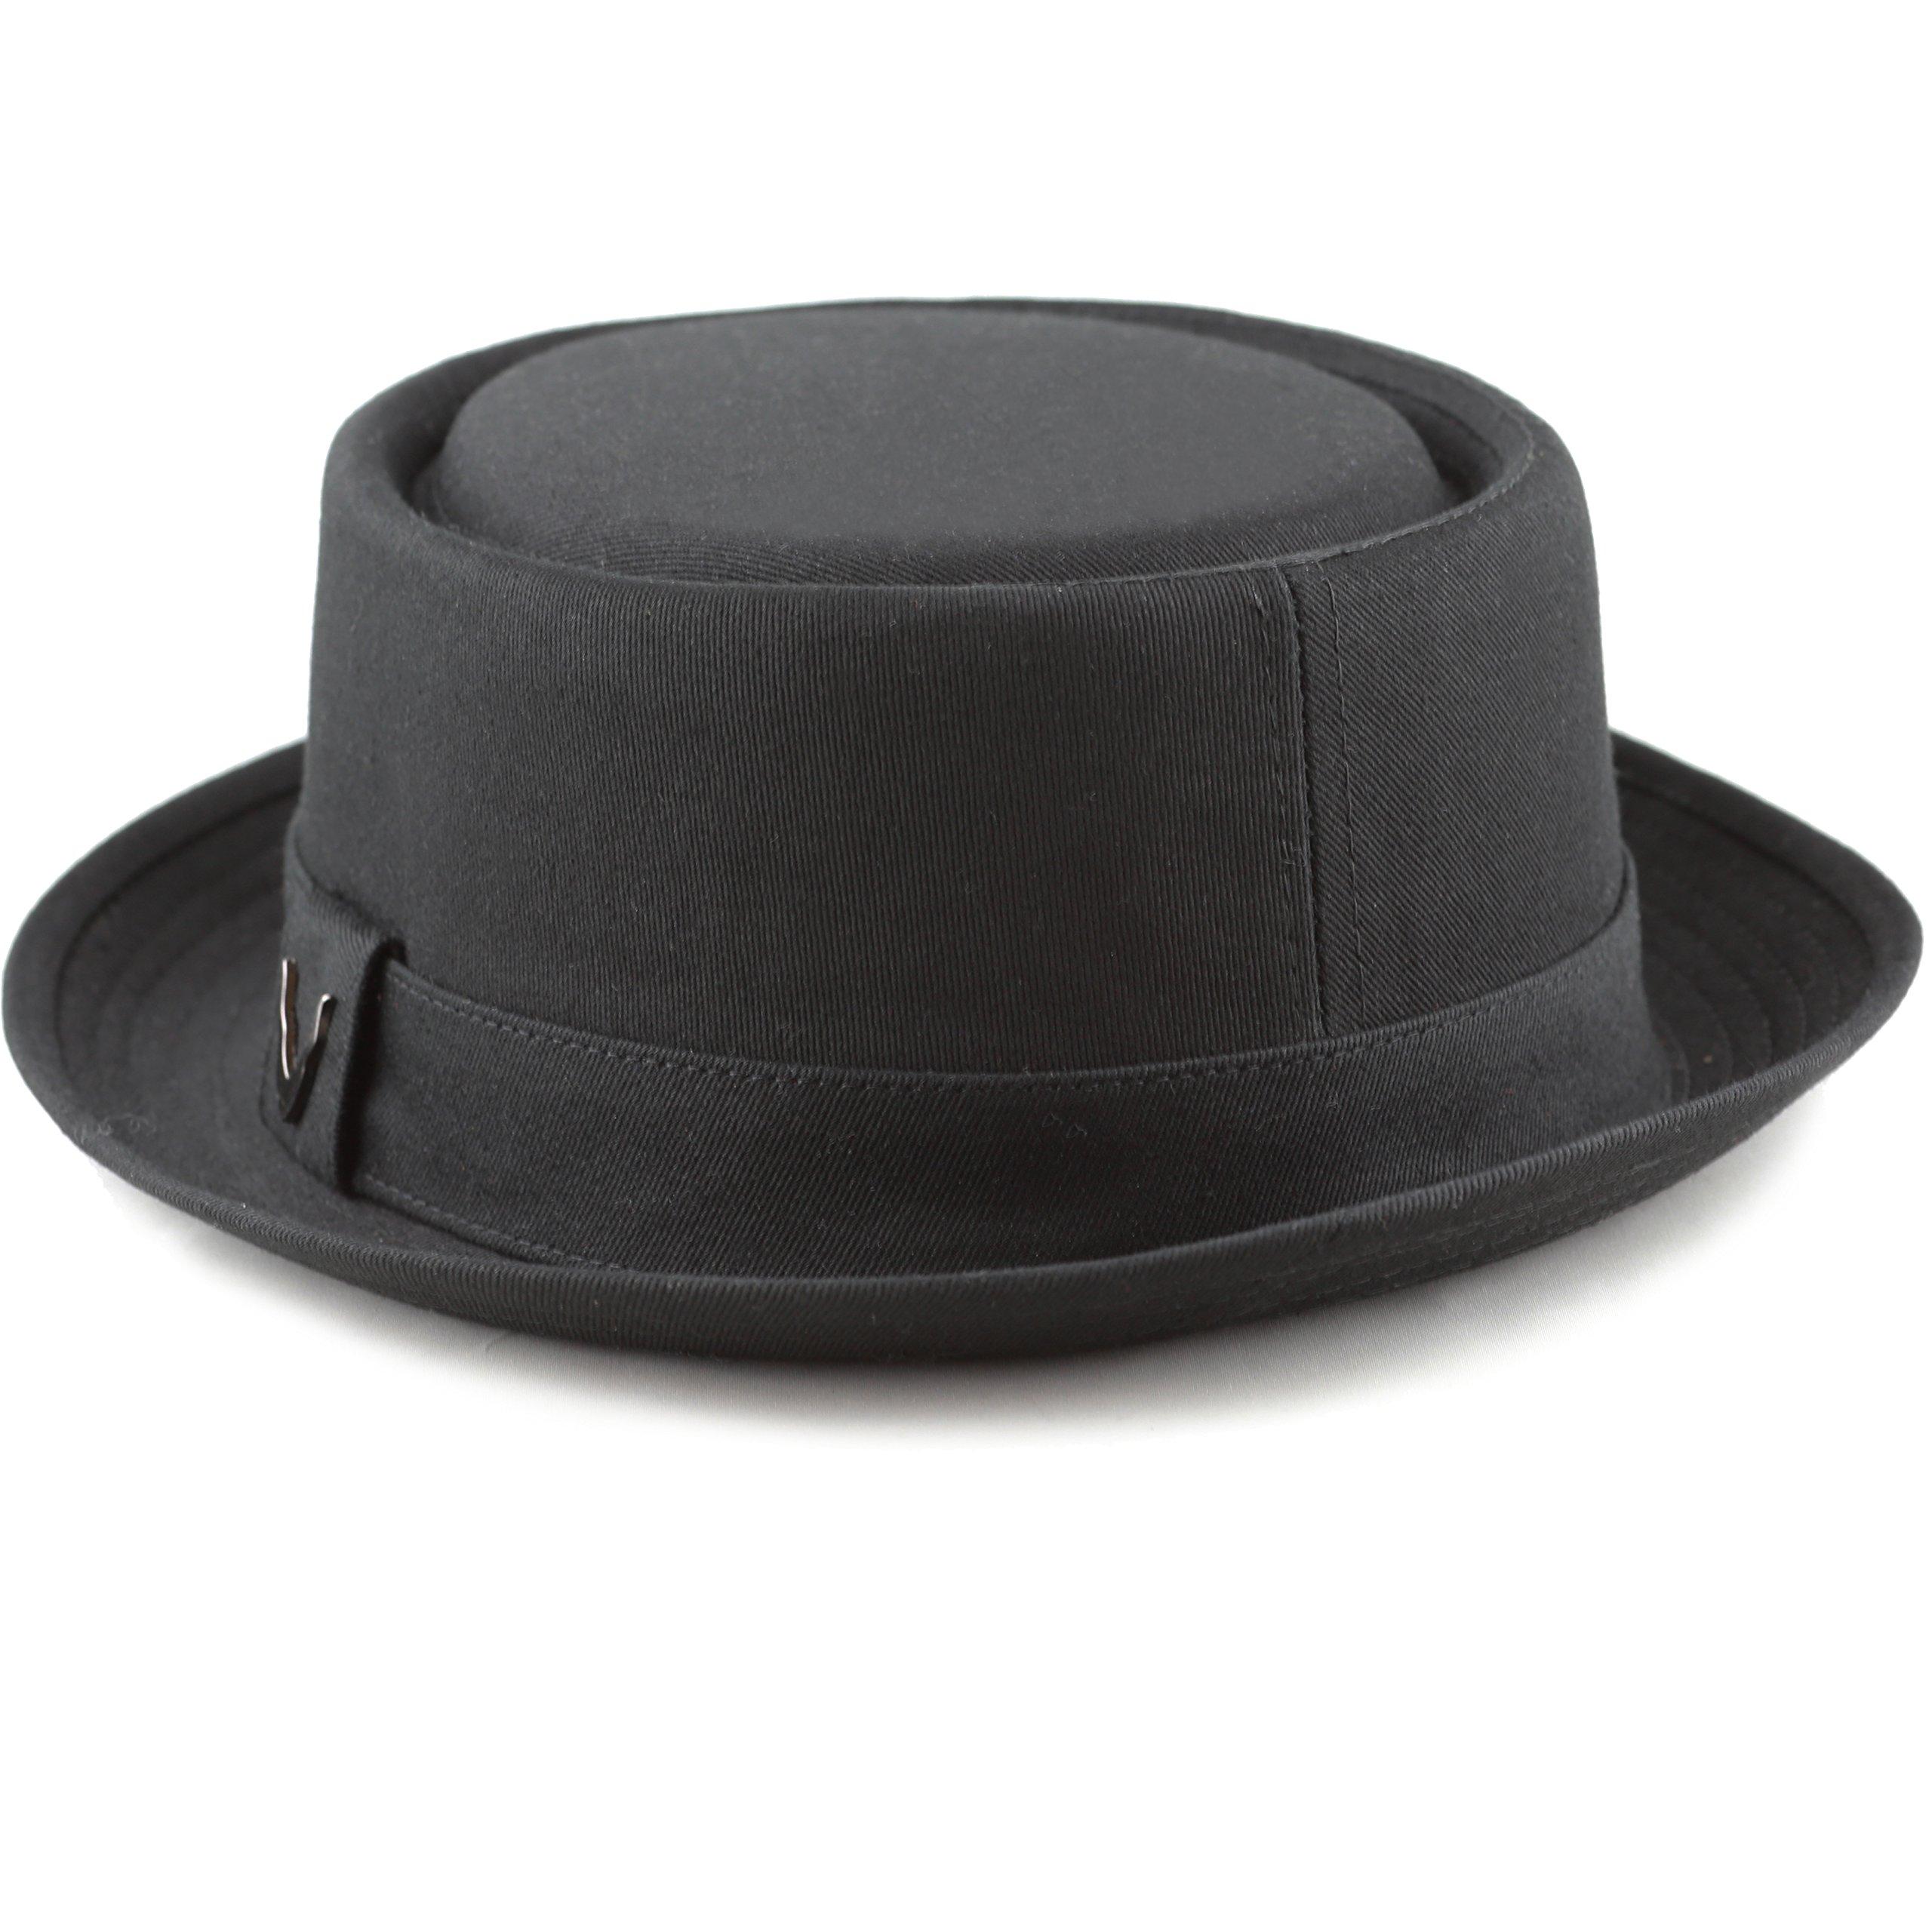 9e0da007fd4c5 THE HAT DEPOT Black Horn Cotton Plain Porkpie Hat (Large